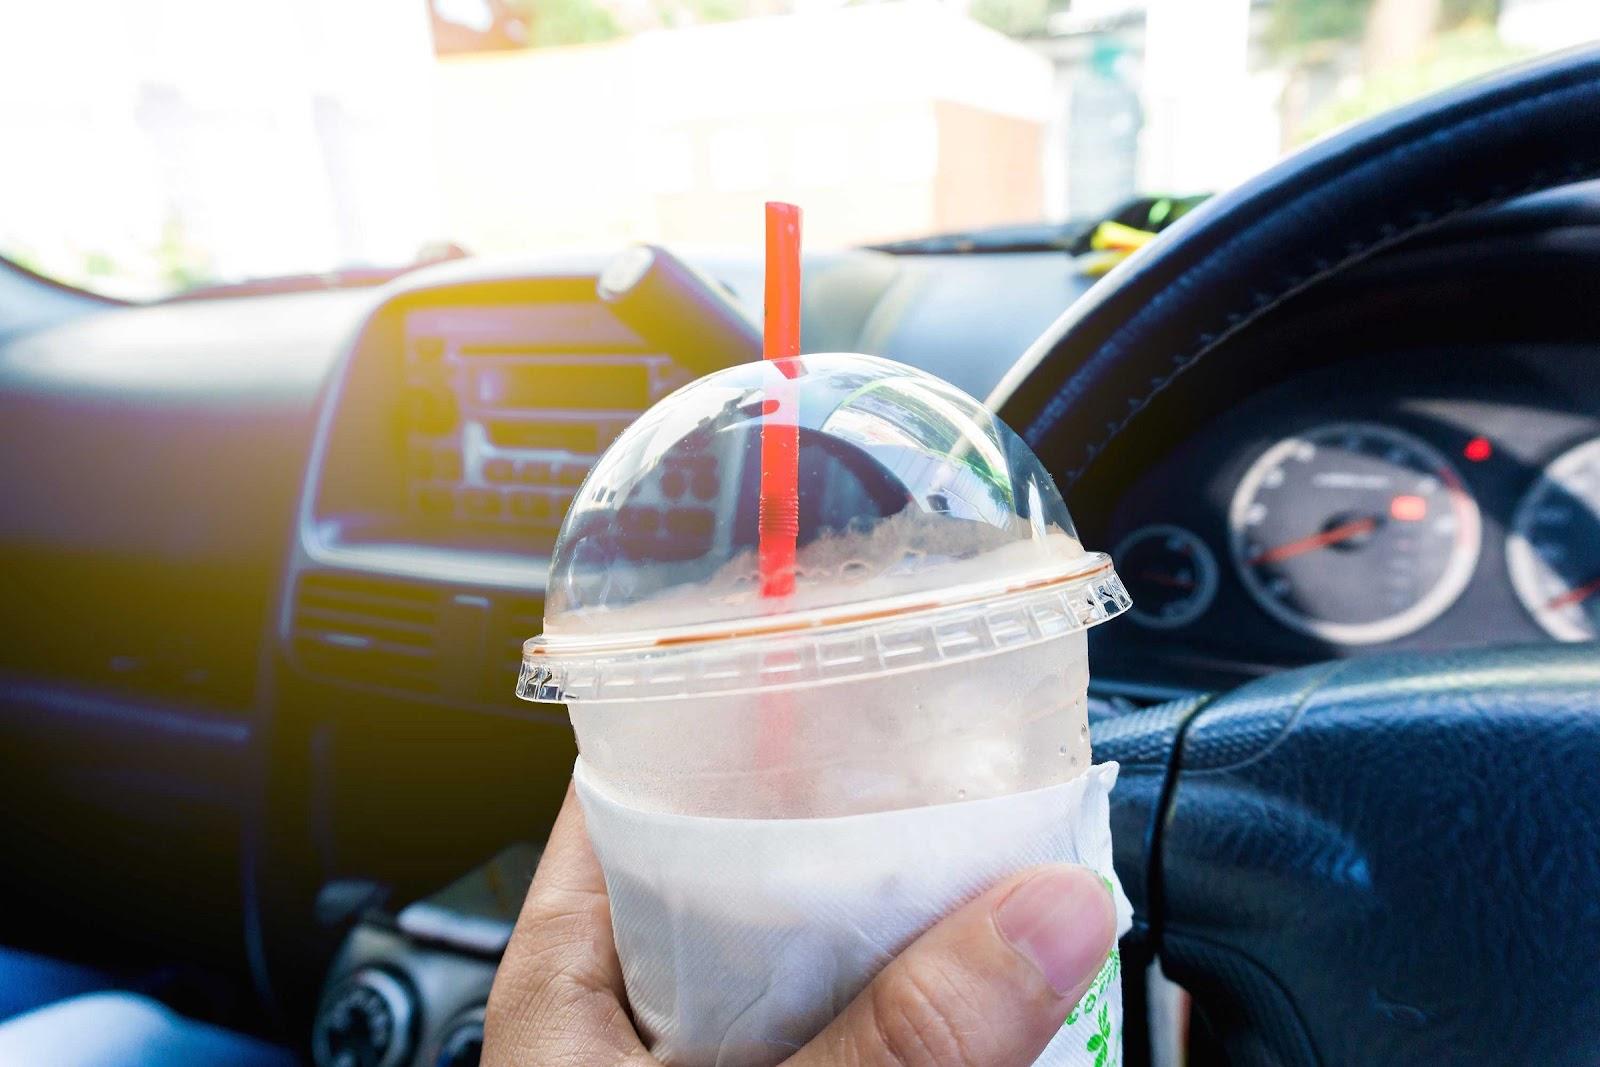 O que Job To Be Done tem a ver com McDonald's a vender mais milkshakes?